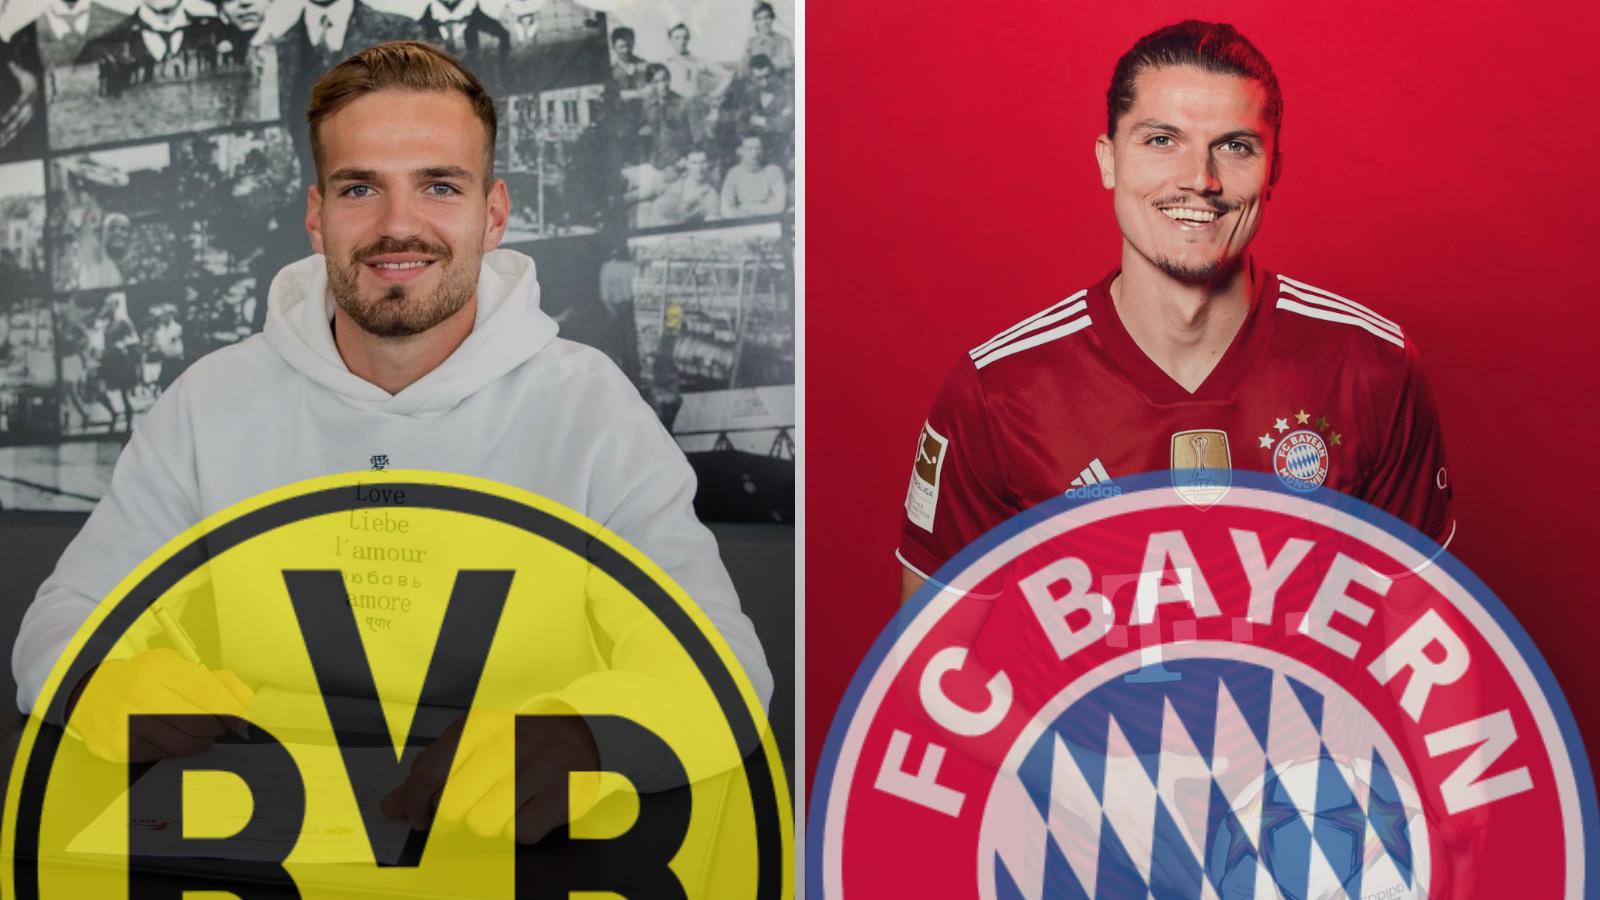 Con la llegada de Pongracic y Sabitzer, Borussia Dortmund y Bayern München se retirarían del mercado.